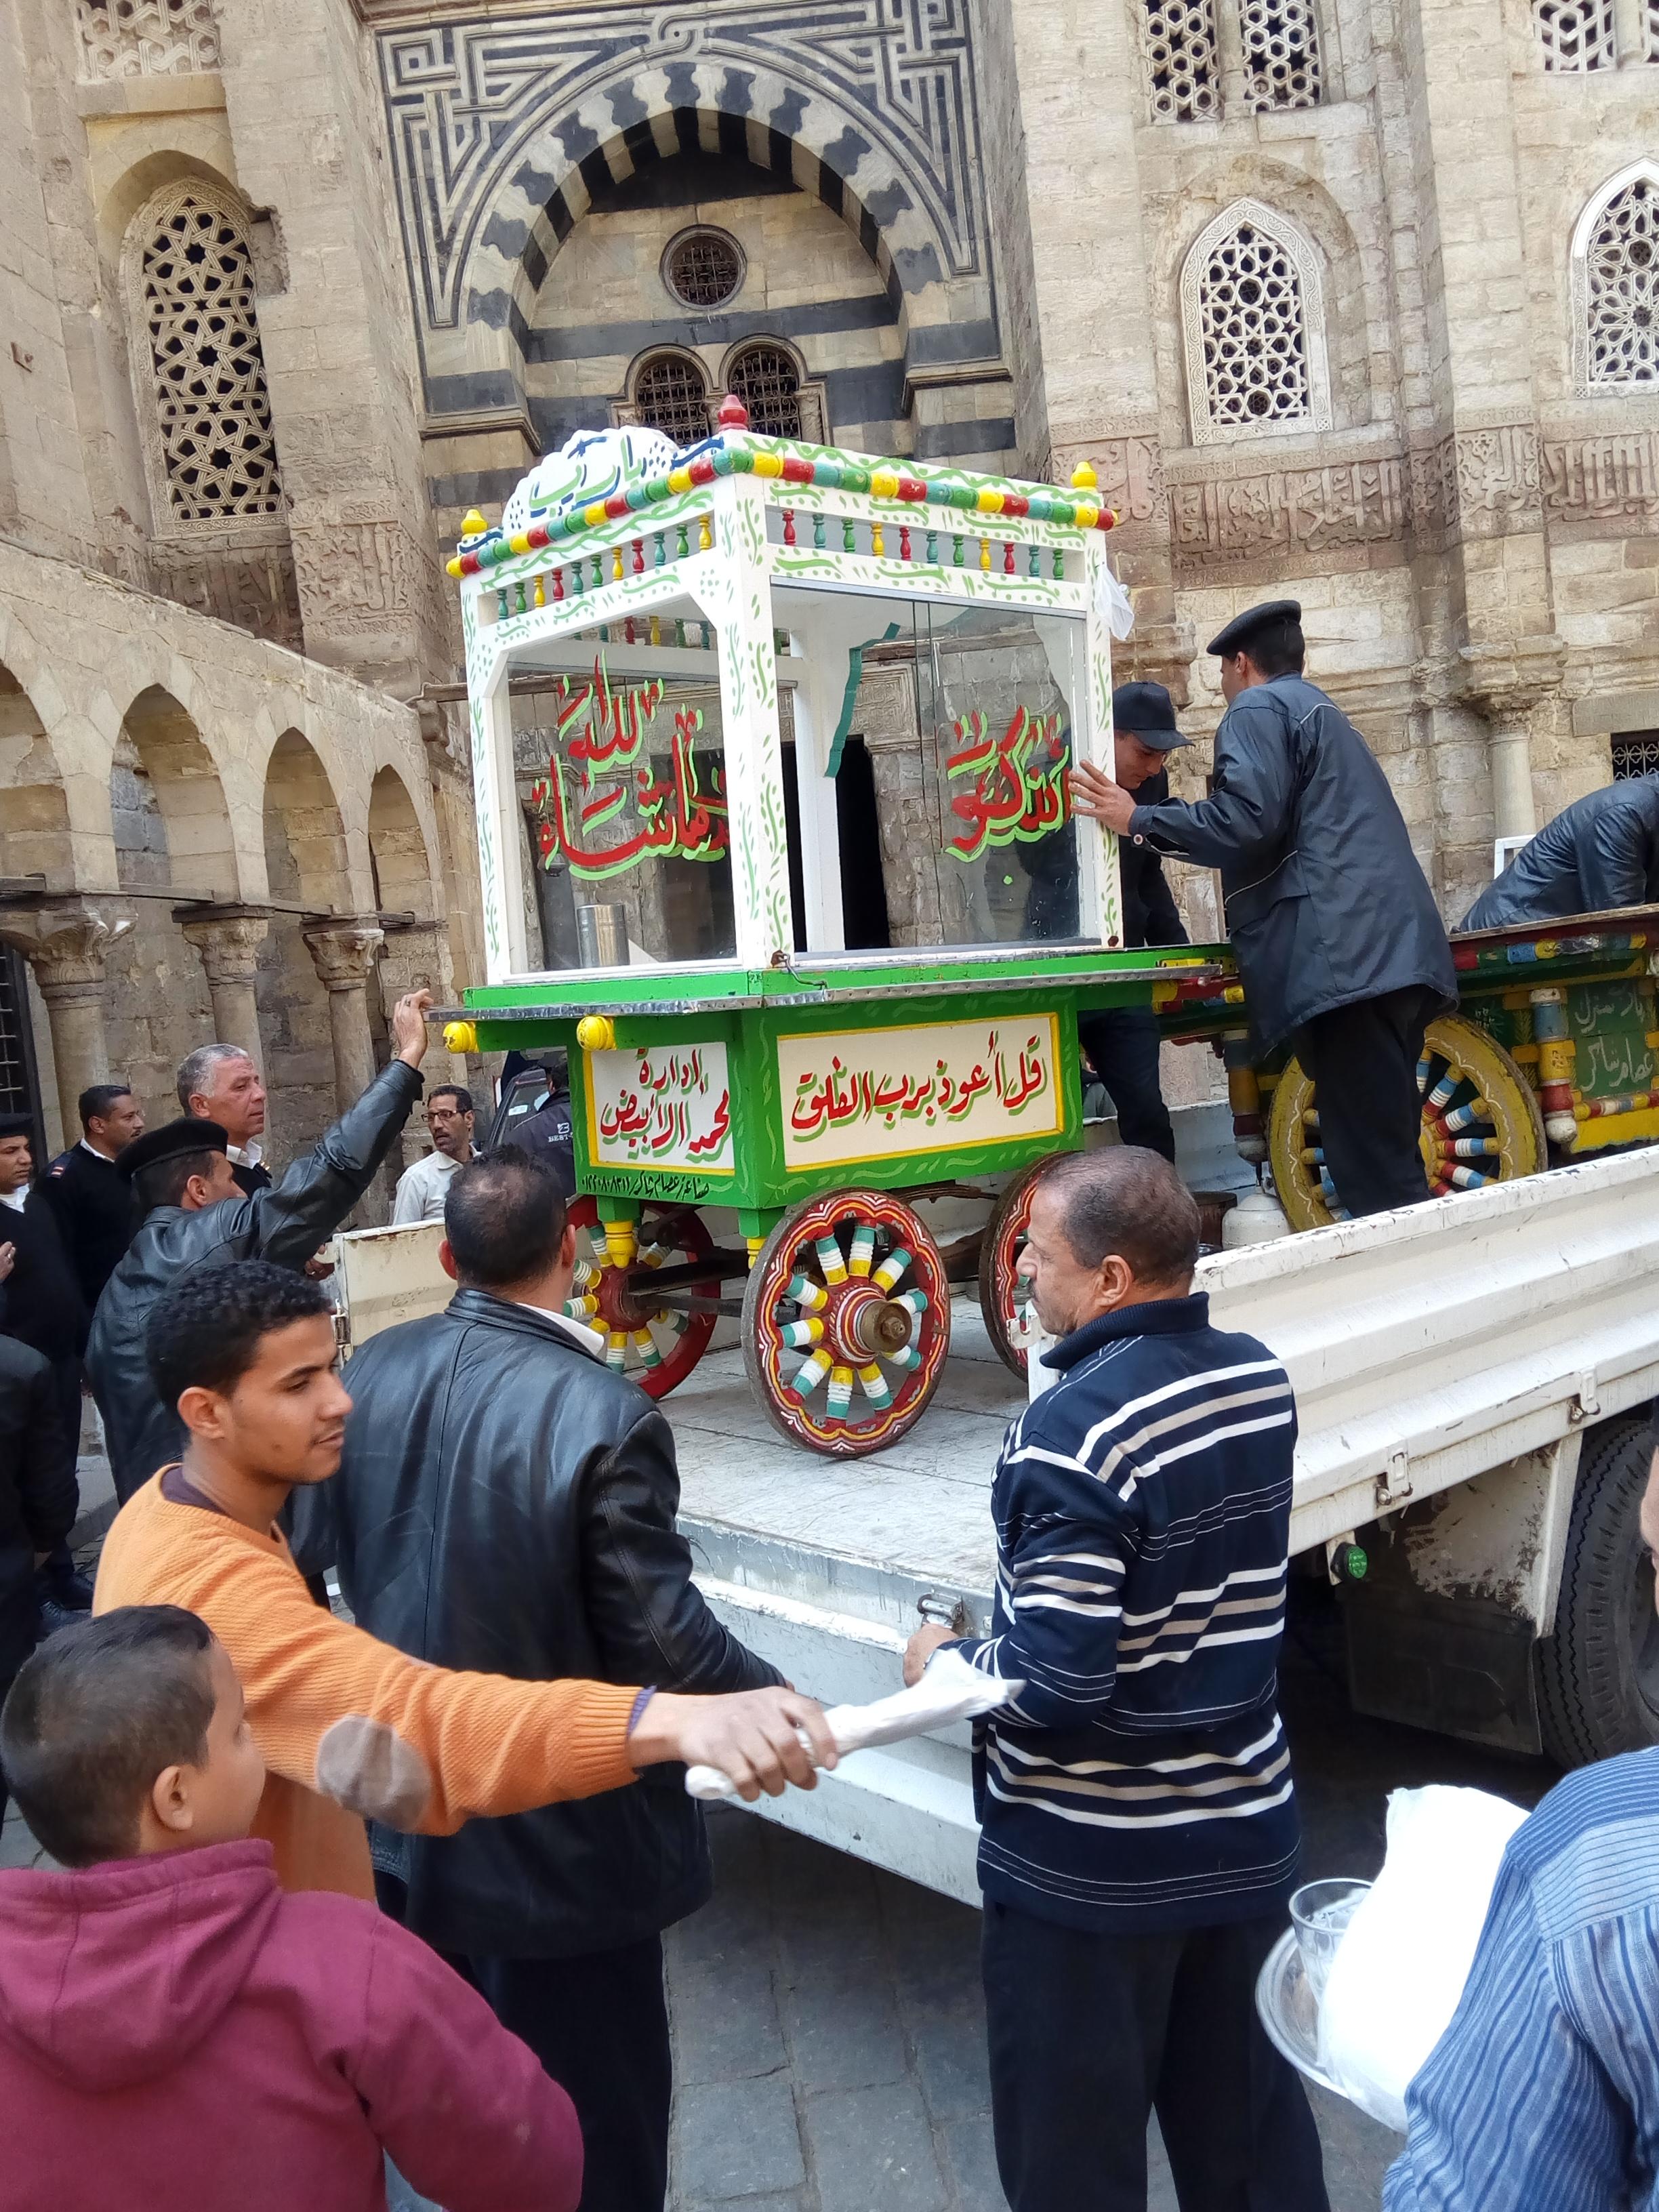 حملات امنية لتطهير شوراع وميادين القاهرة (2)